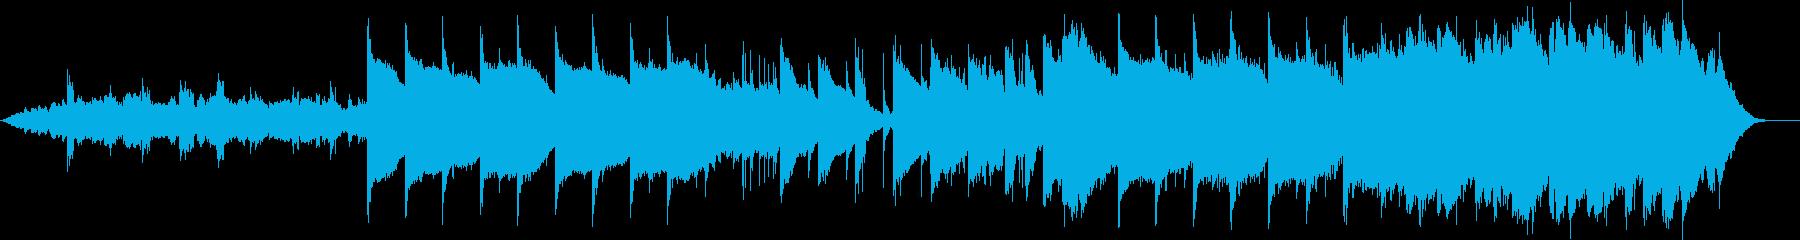 電気音響シンフォニー 神経質 感情...の再生済みの波形